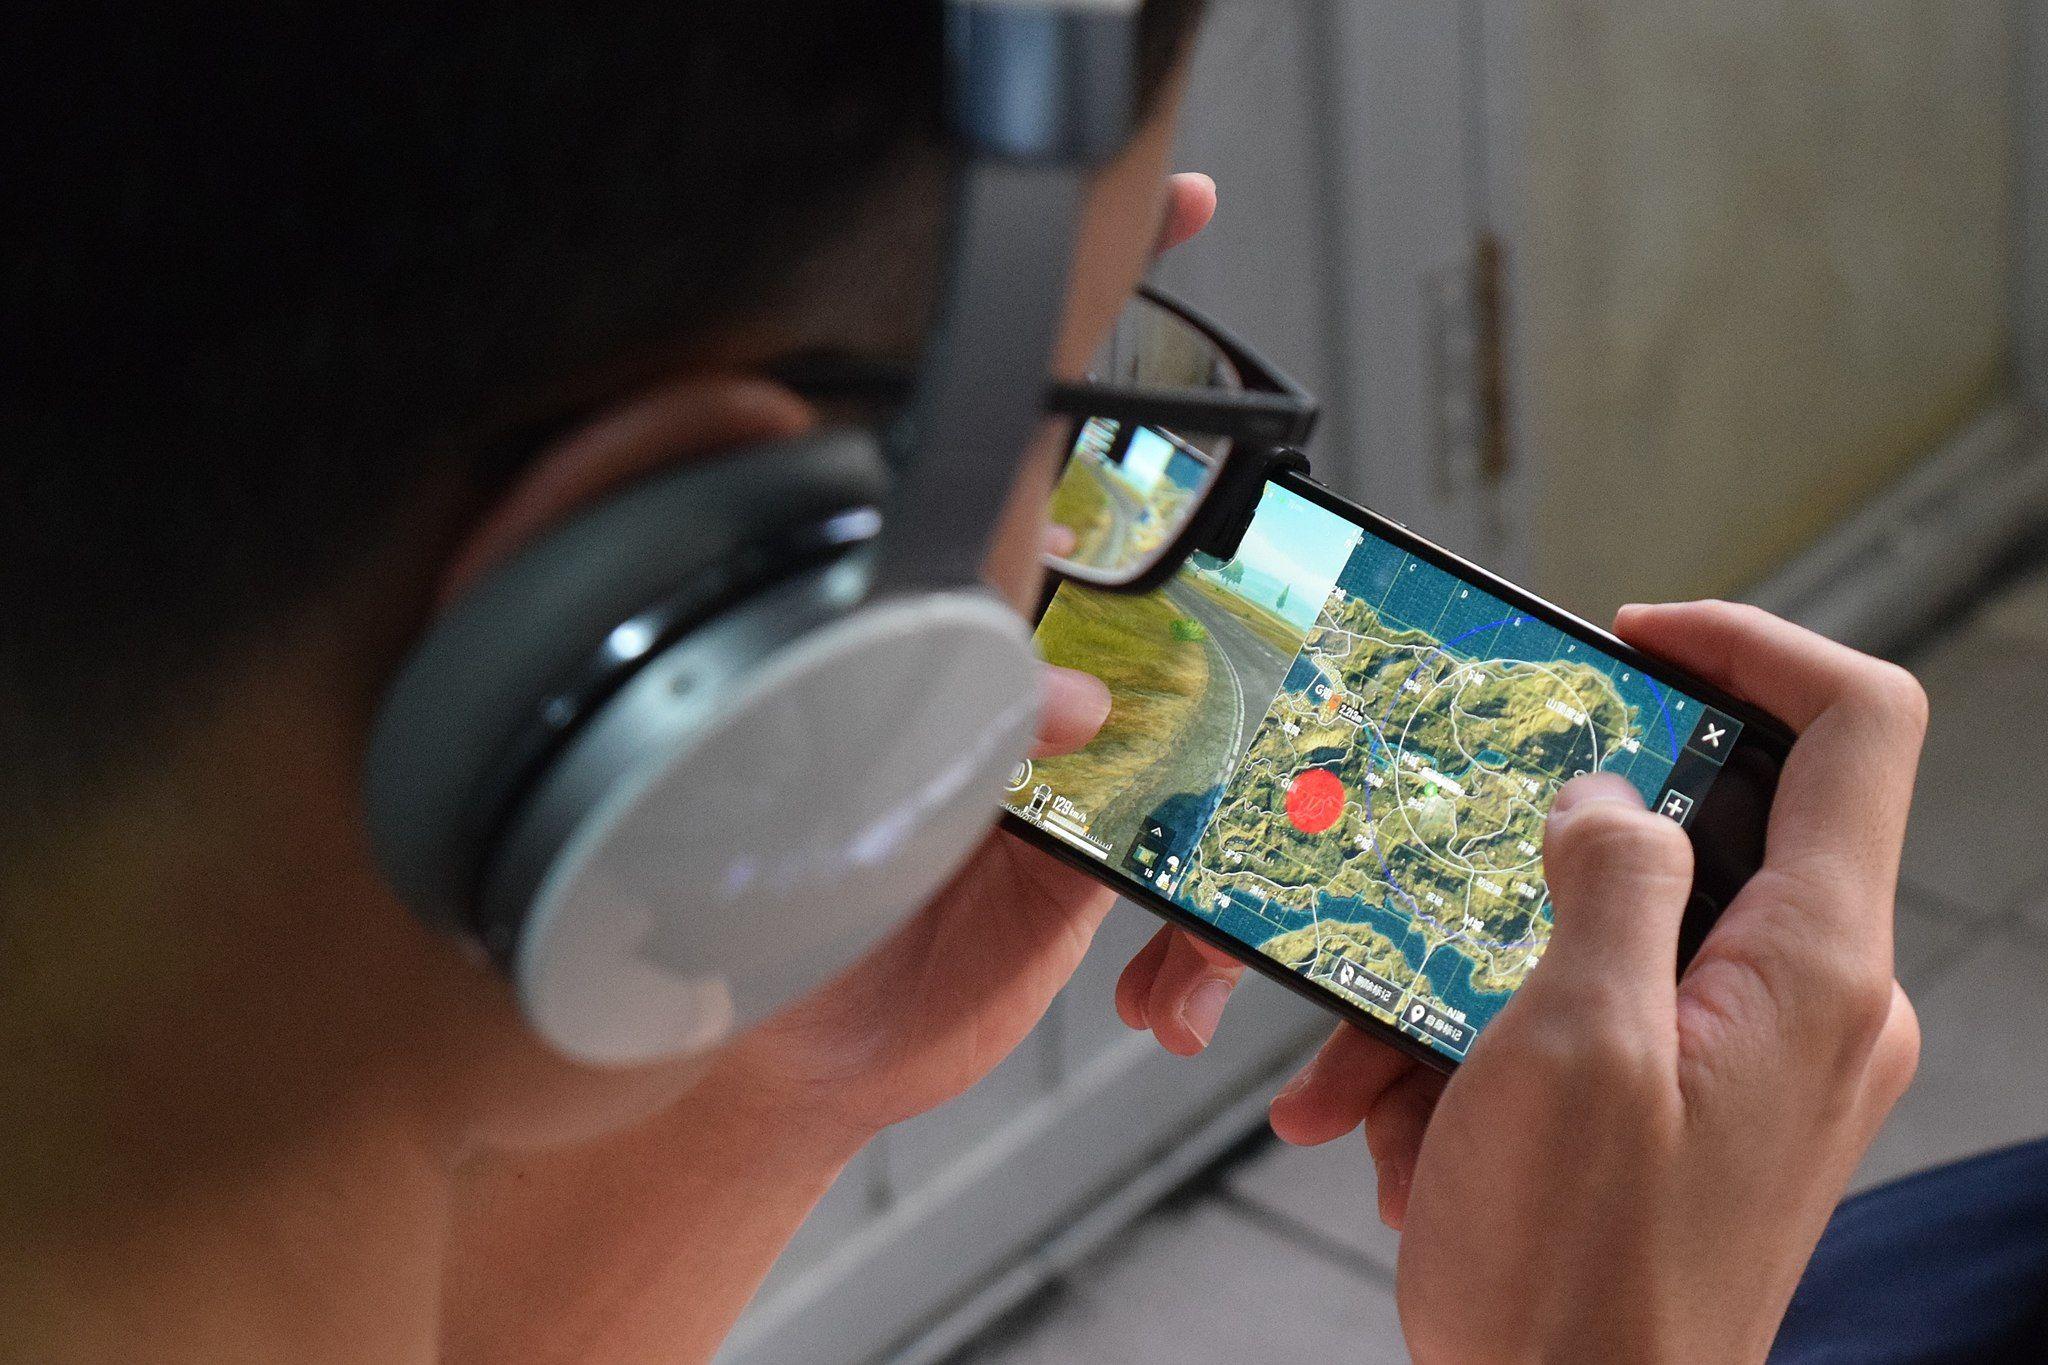 Poredak najboljih akcijskih igara na Androidu u 2020. godini